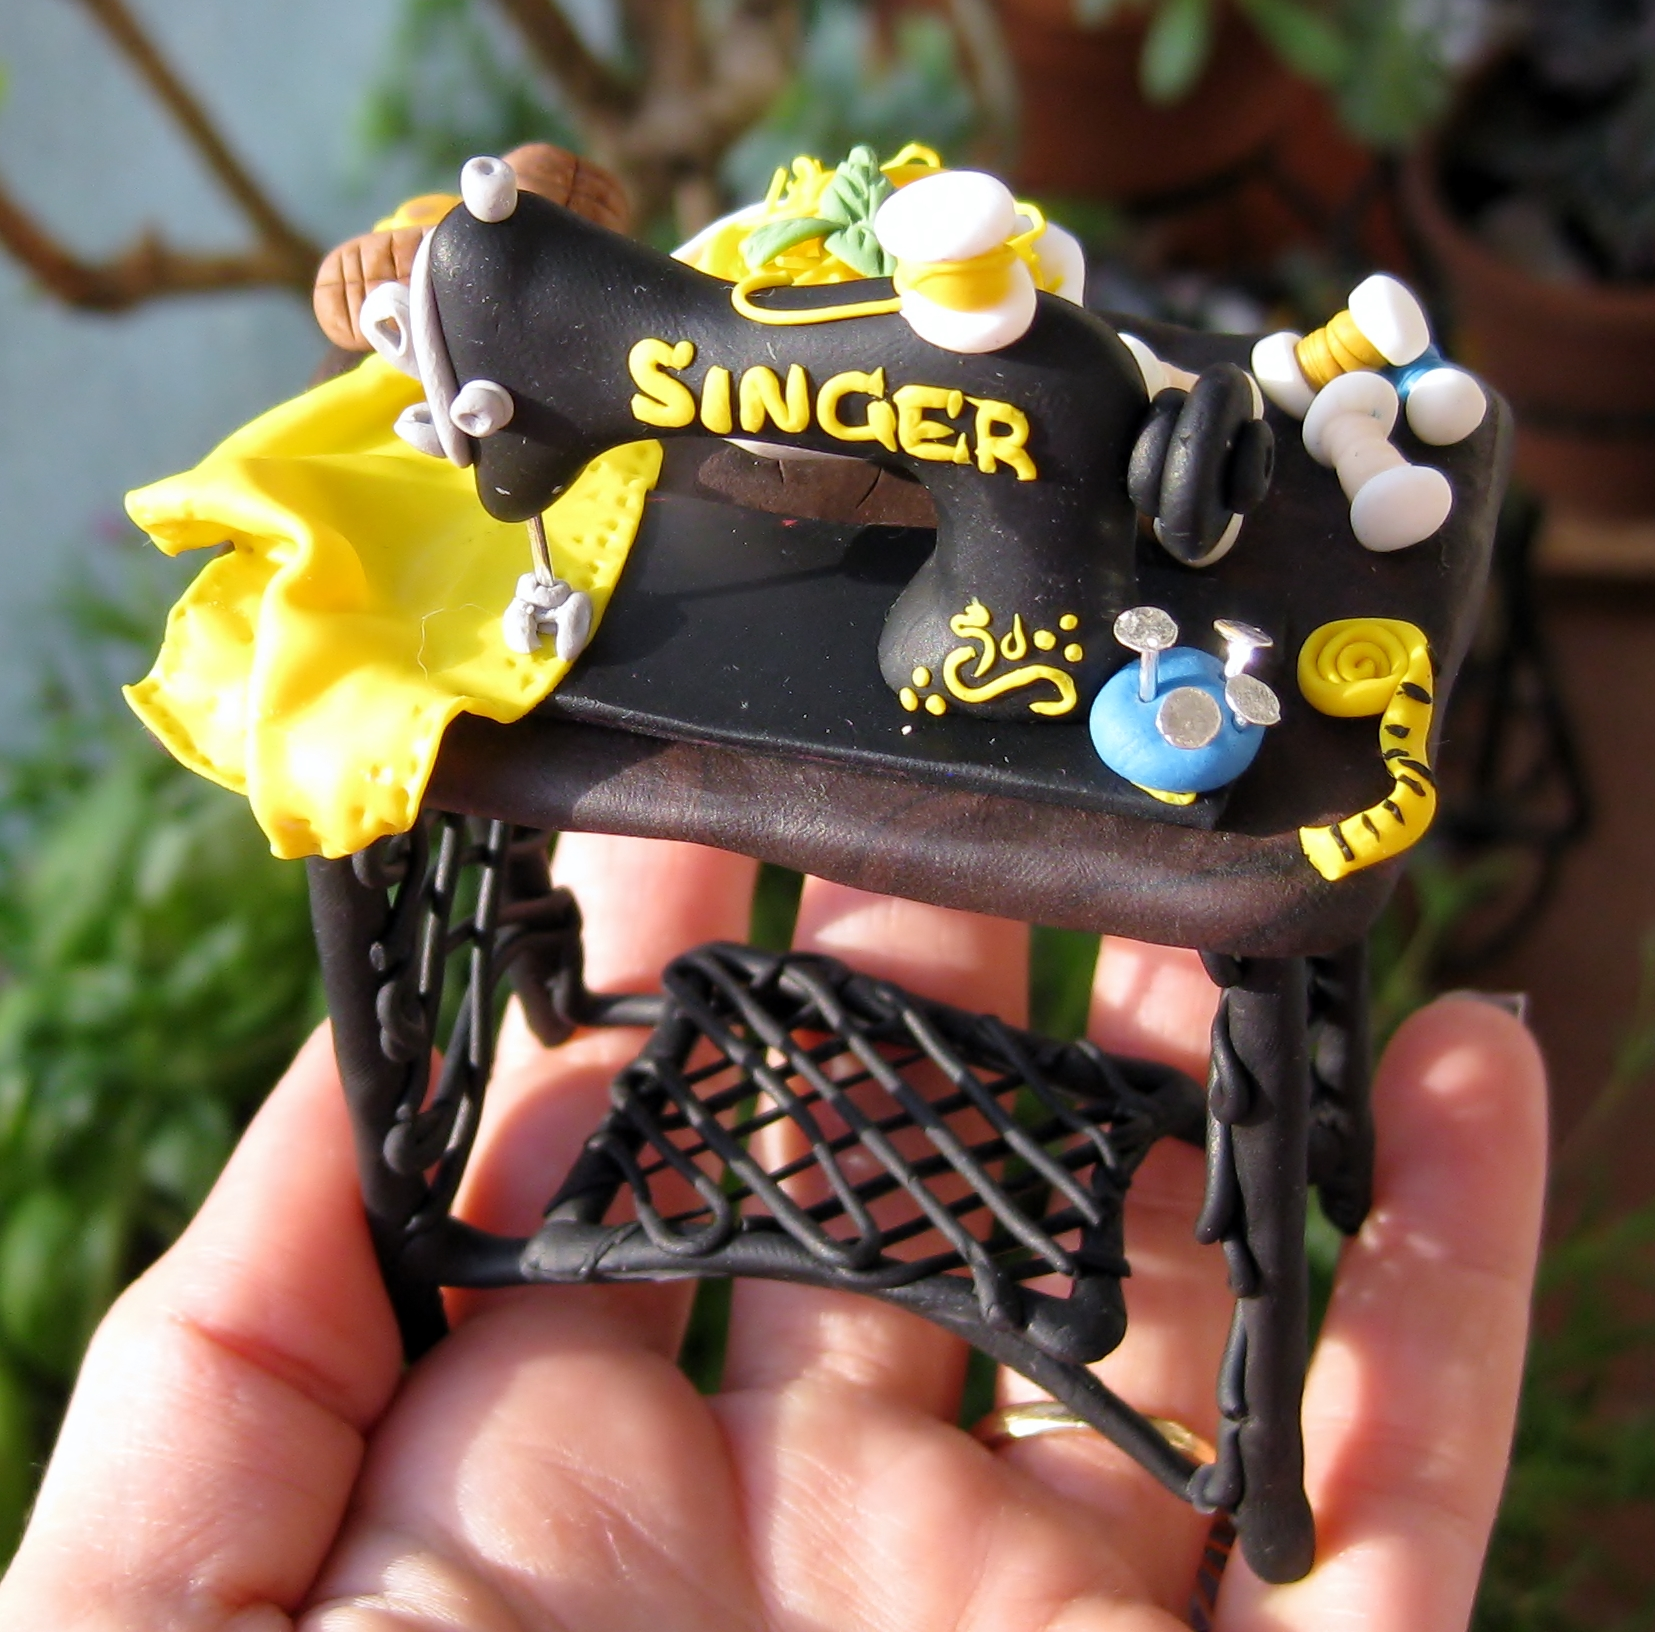 bomboniere matrimonio idee regalo : Cake topper ? bomboniere matrimonio ? idee regalo